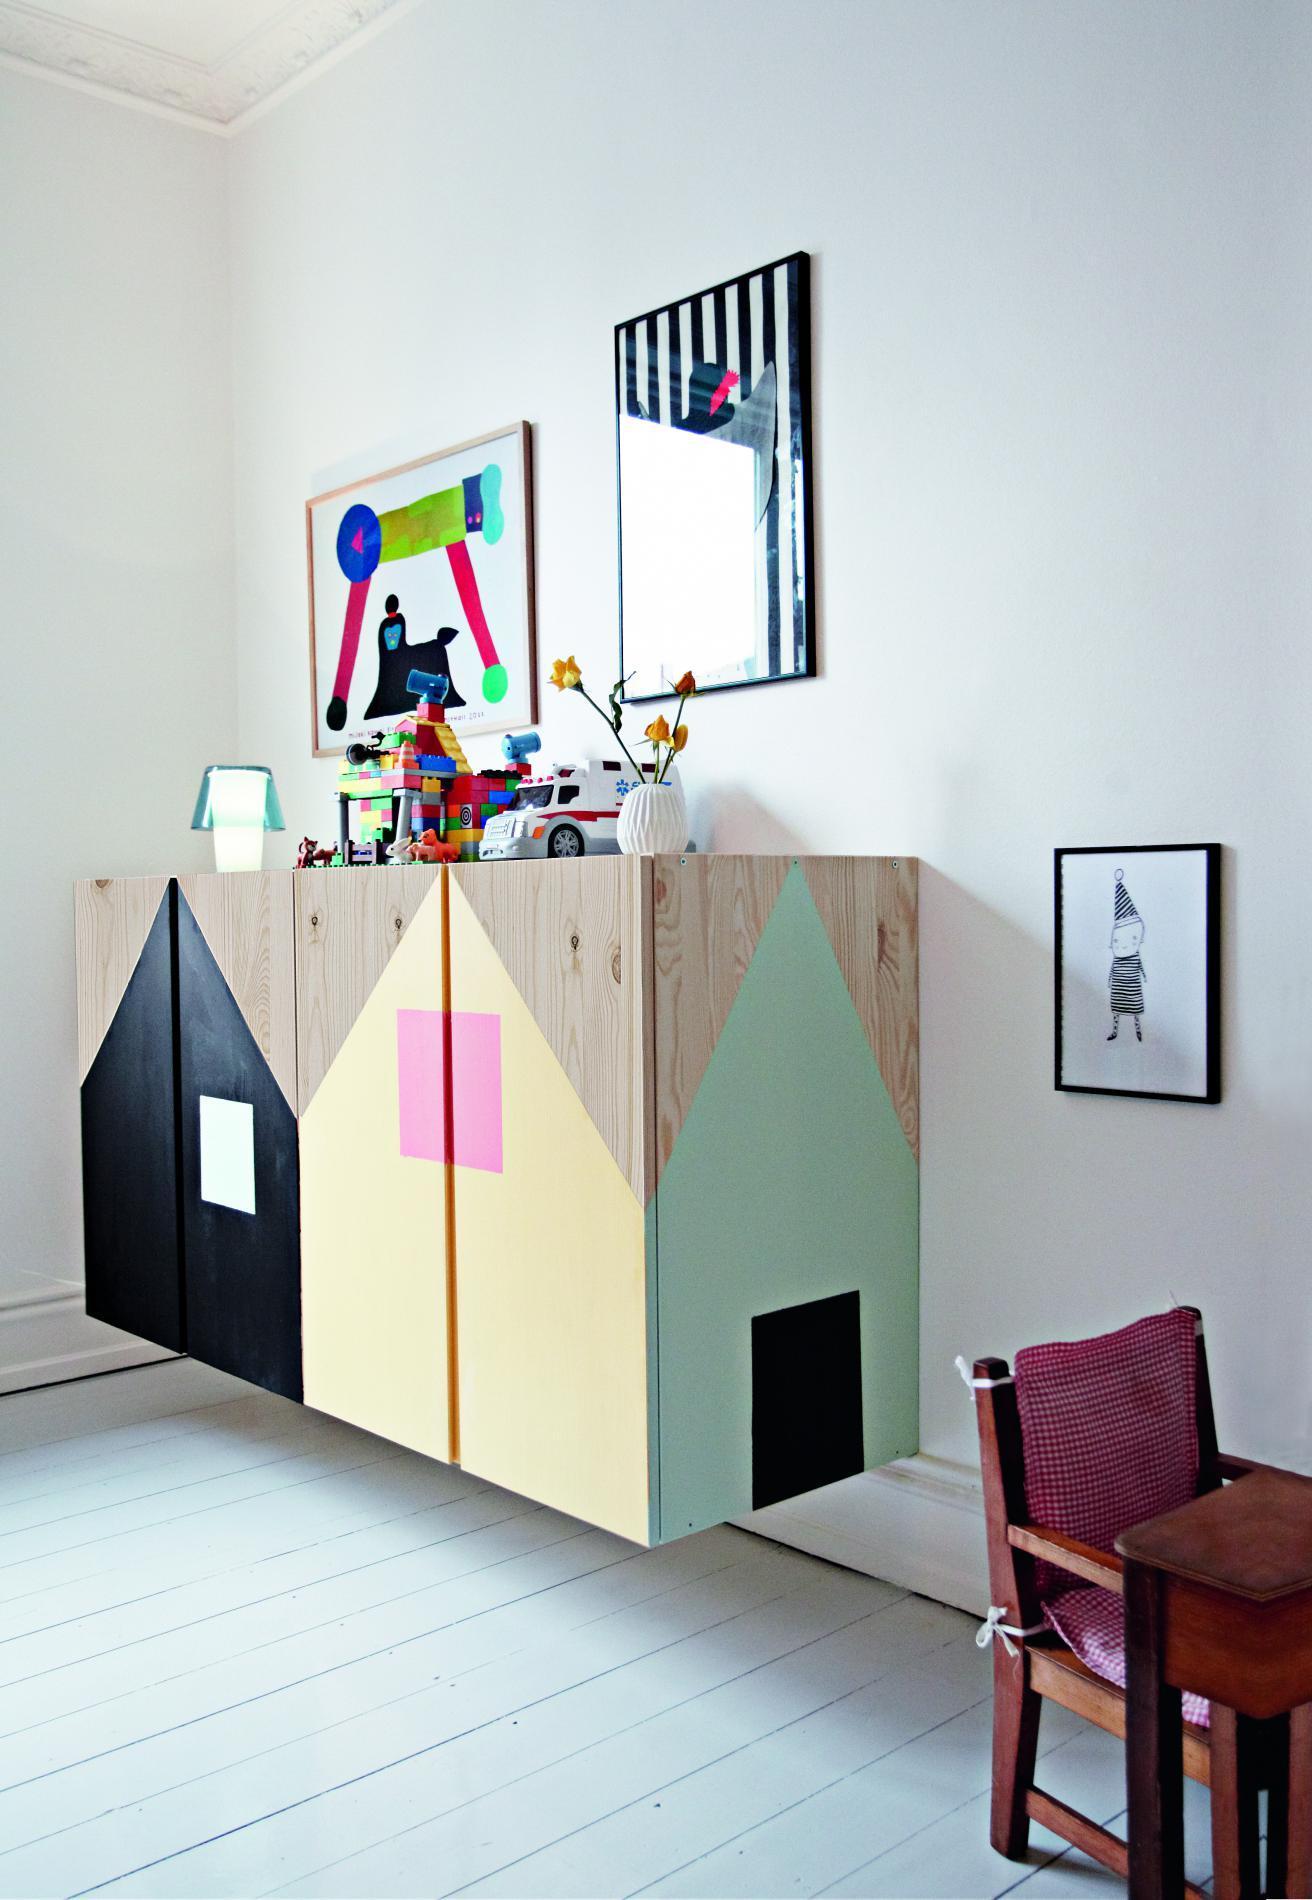 les 30 meilleurs d tournements de meubles ikea madame figaro